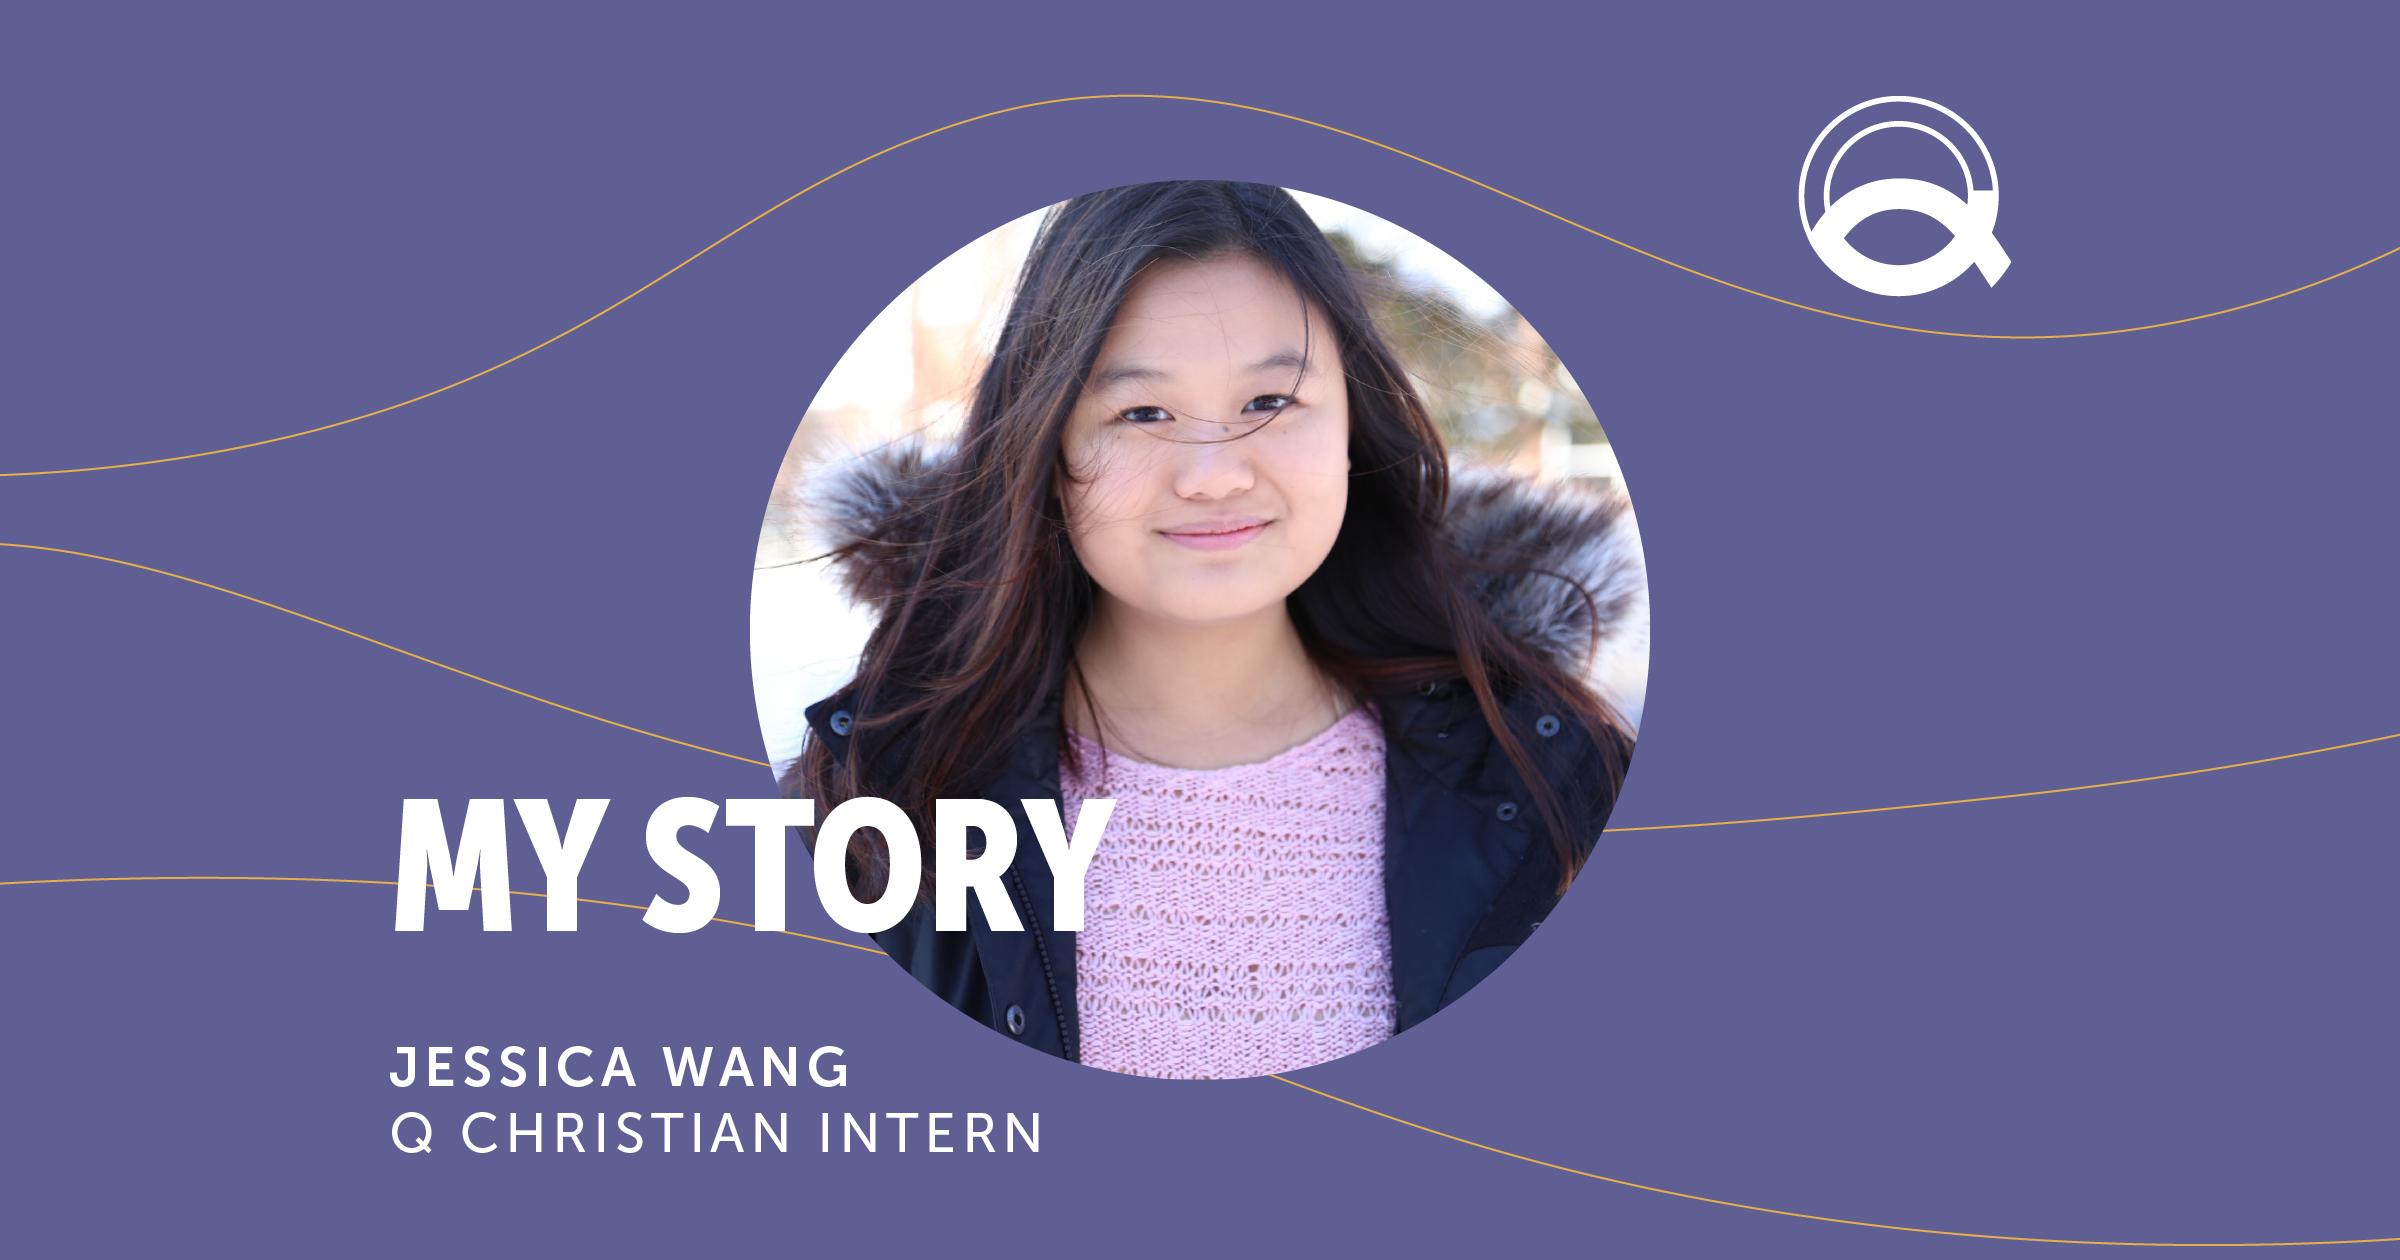 Jessica Wang Blog PostFacebook@2x.png